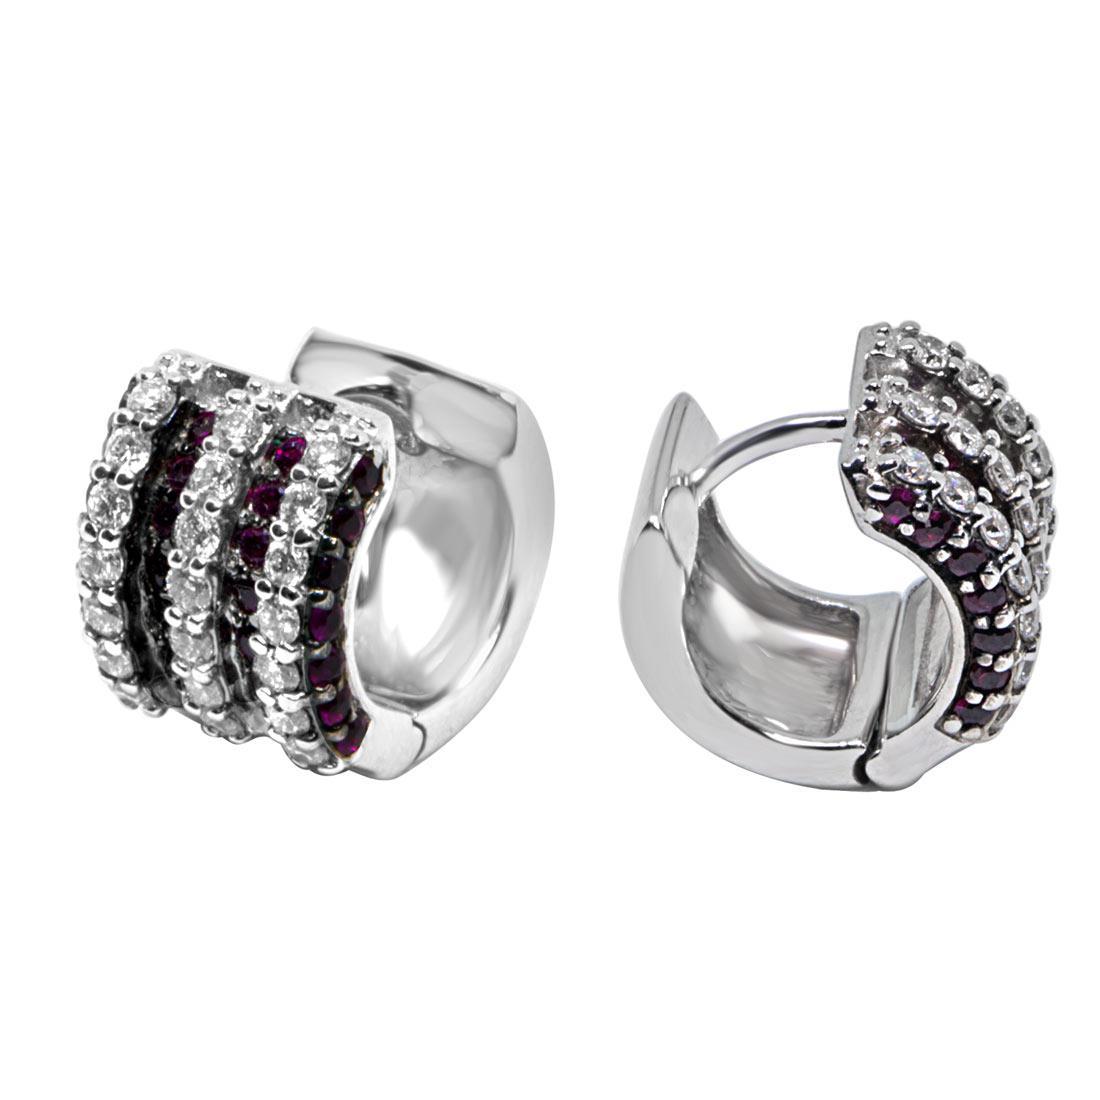 Orecchini in oro bianco con diamanti ct 0.46 e rubini ct 0.46 - ALFIERI & ST. JOHN